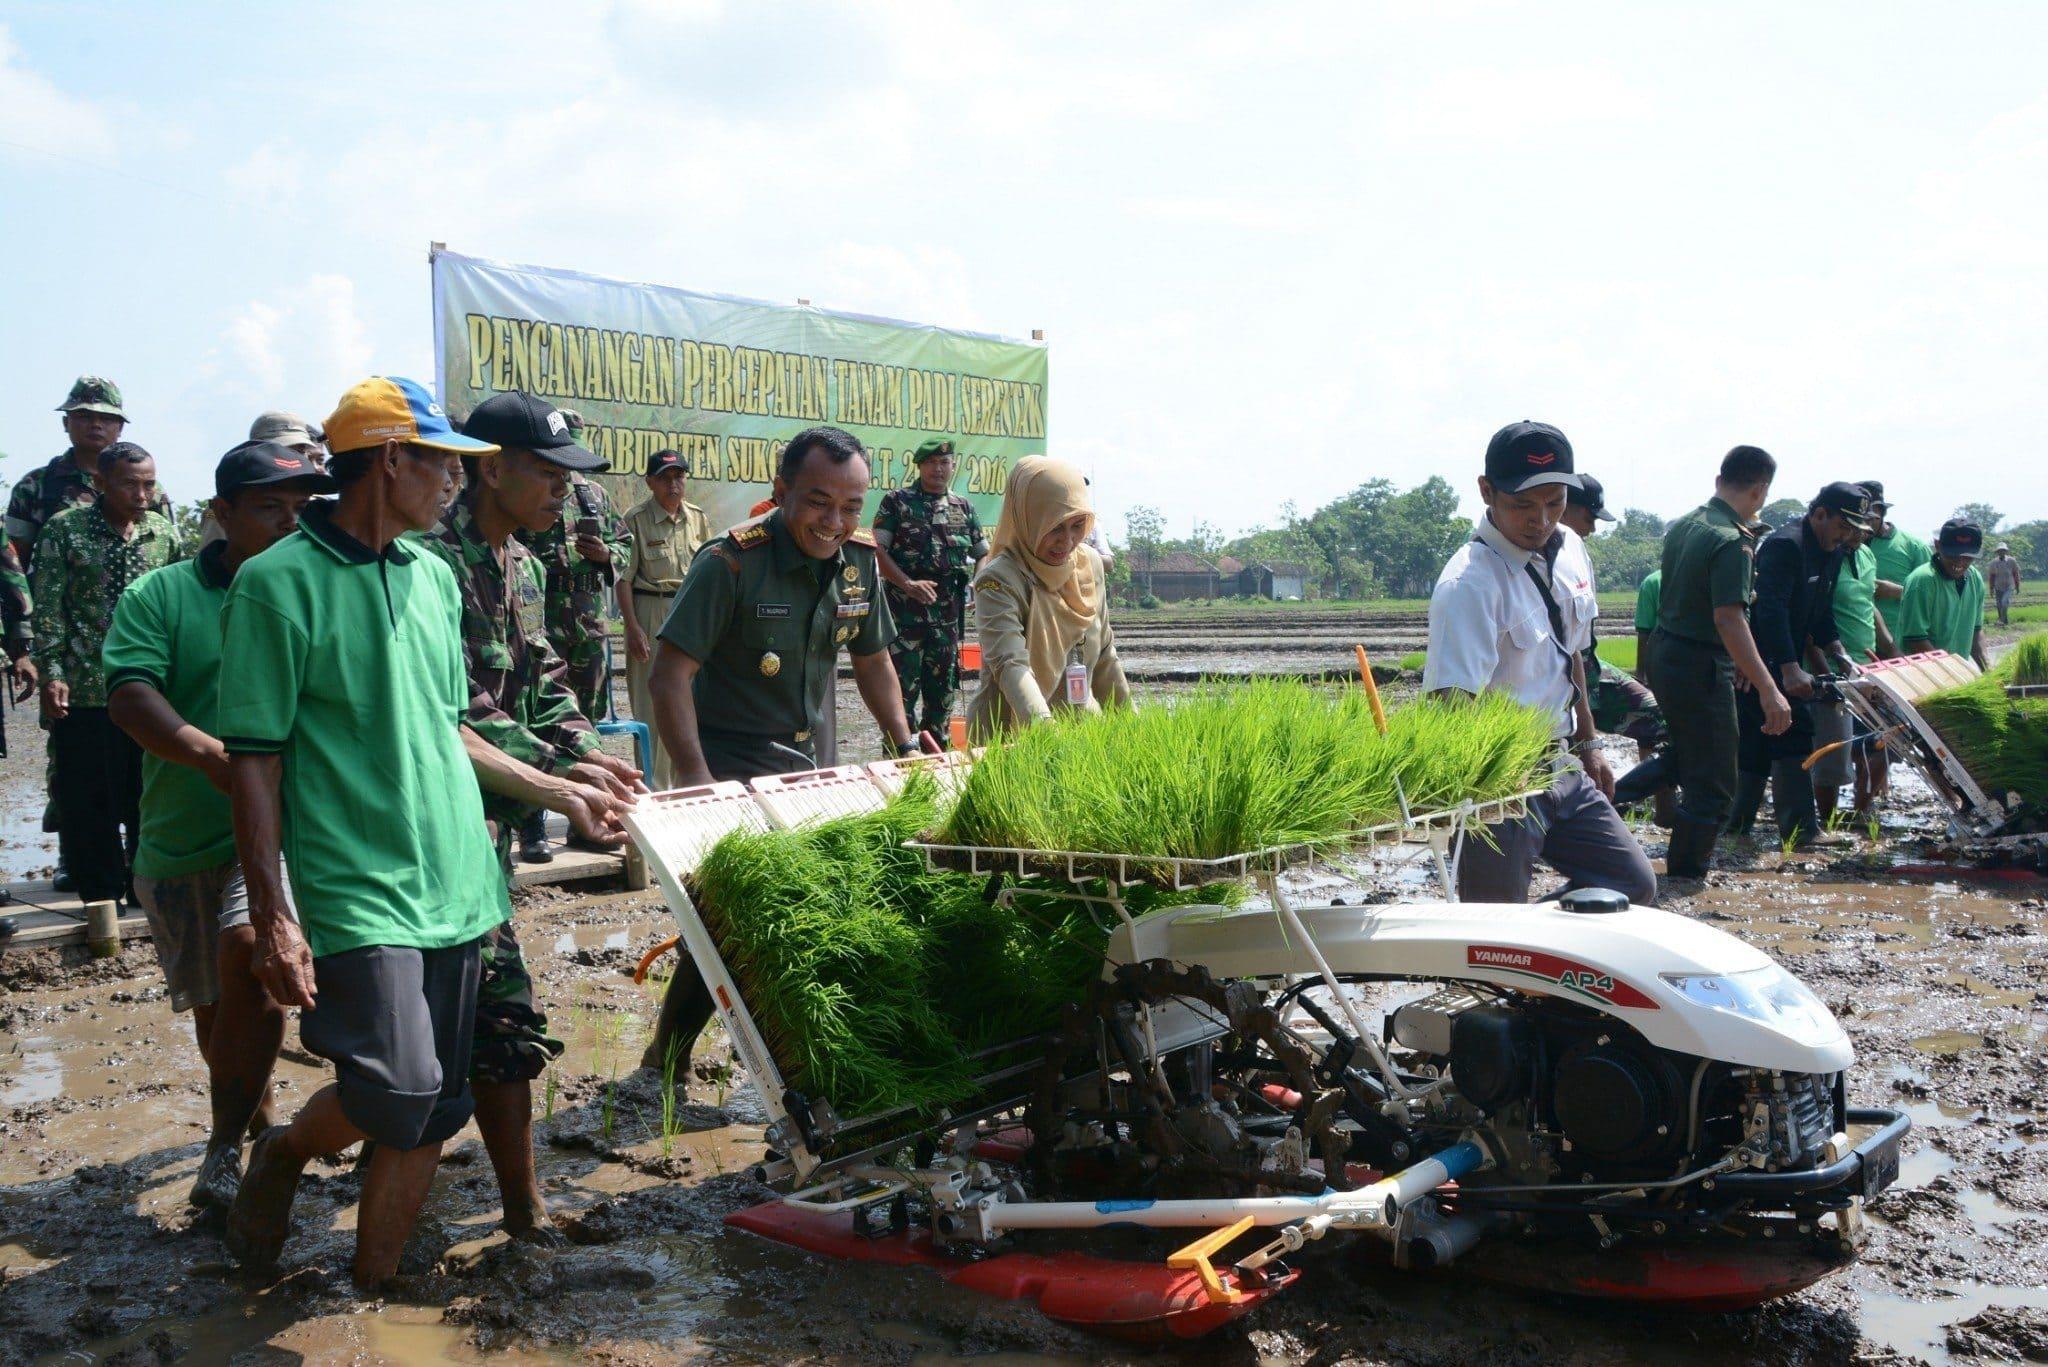 Pencanangan Percepatan Tanam Padi Serentak Wilayah Korem 074/Warastratama